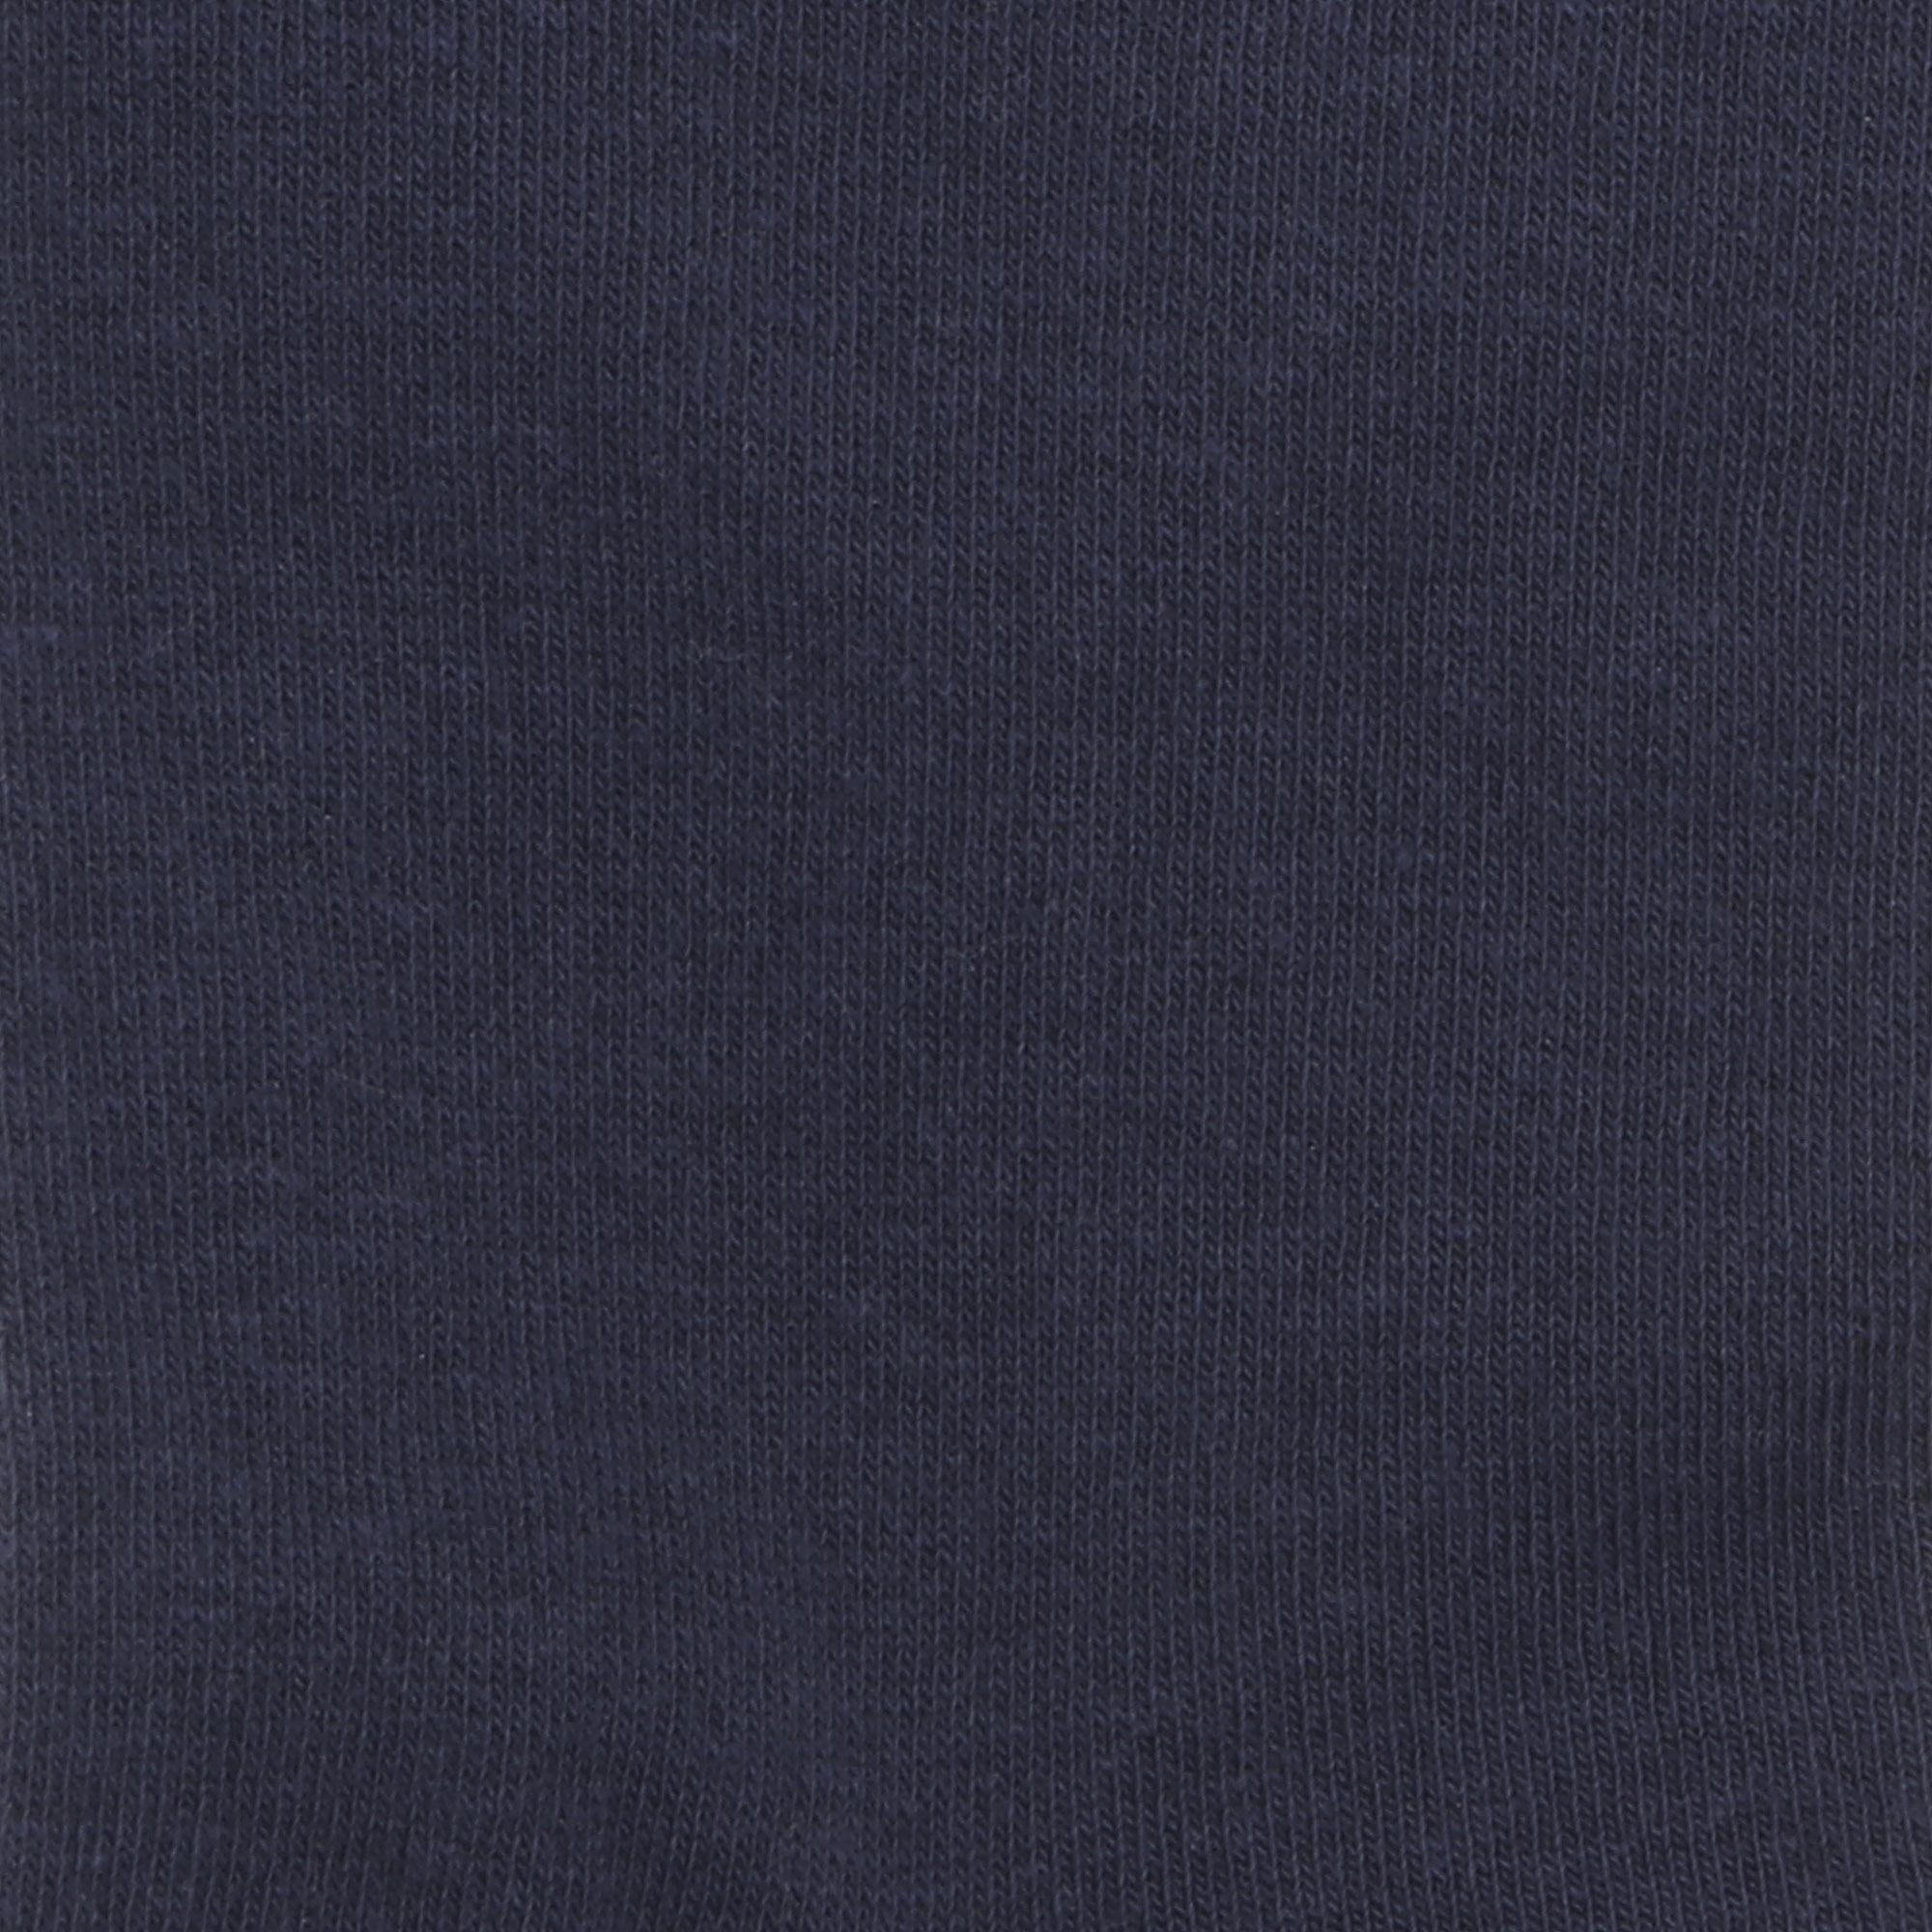 Носки мужские Lucky Socks 25-27 синие 1 пара